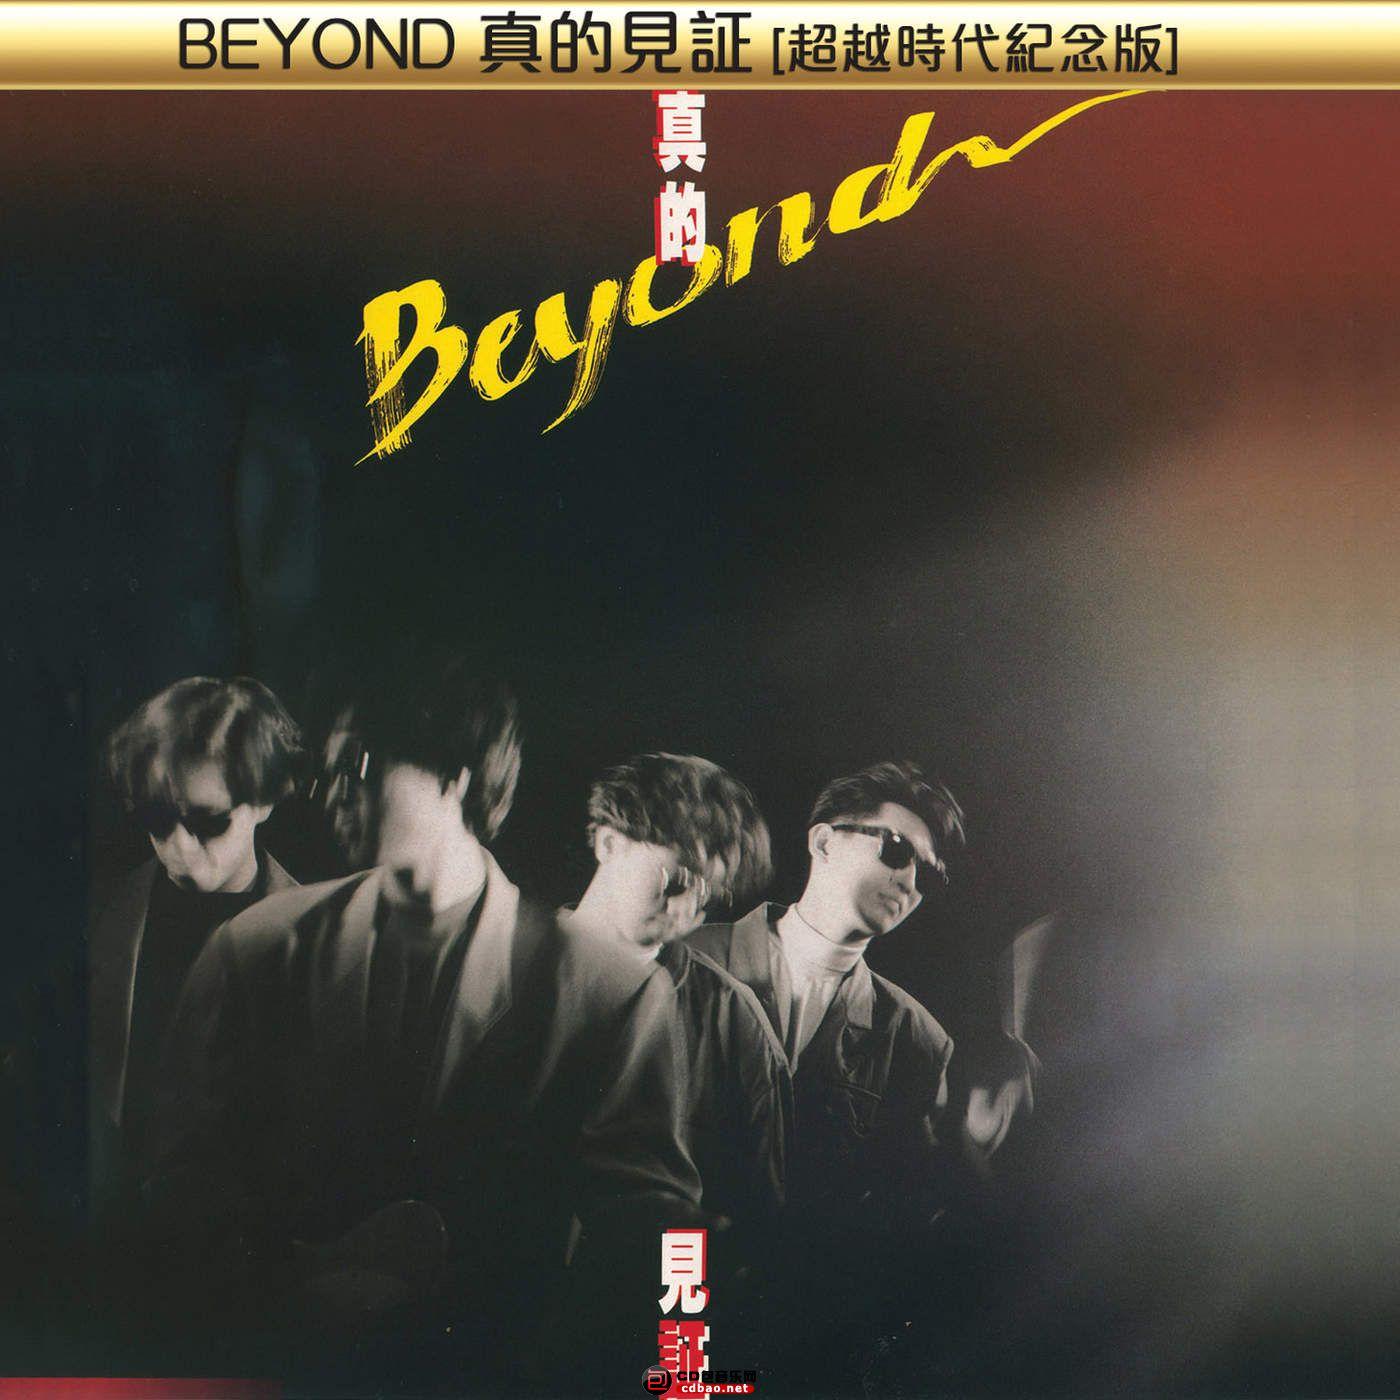 Beyond真的見証 (超越時代紀念版).jpg